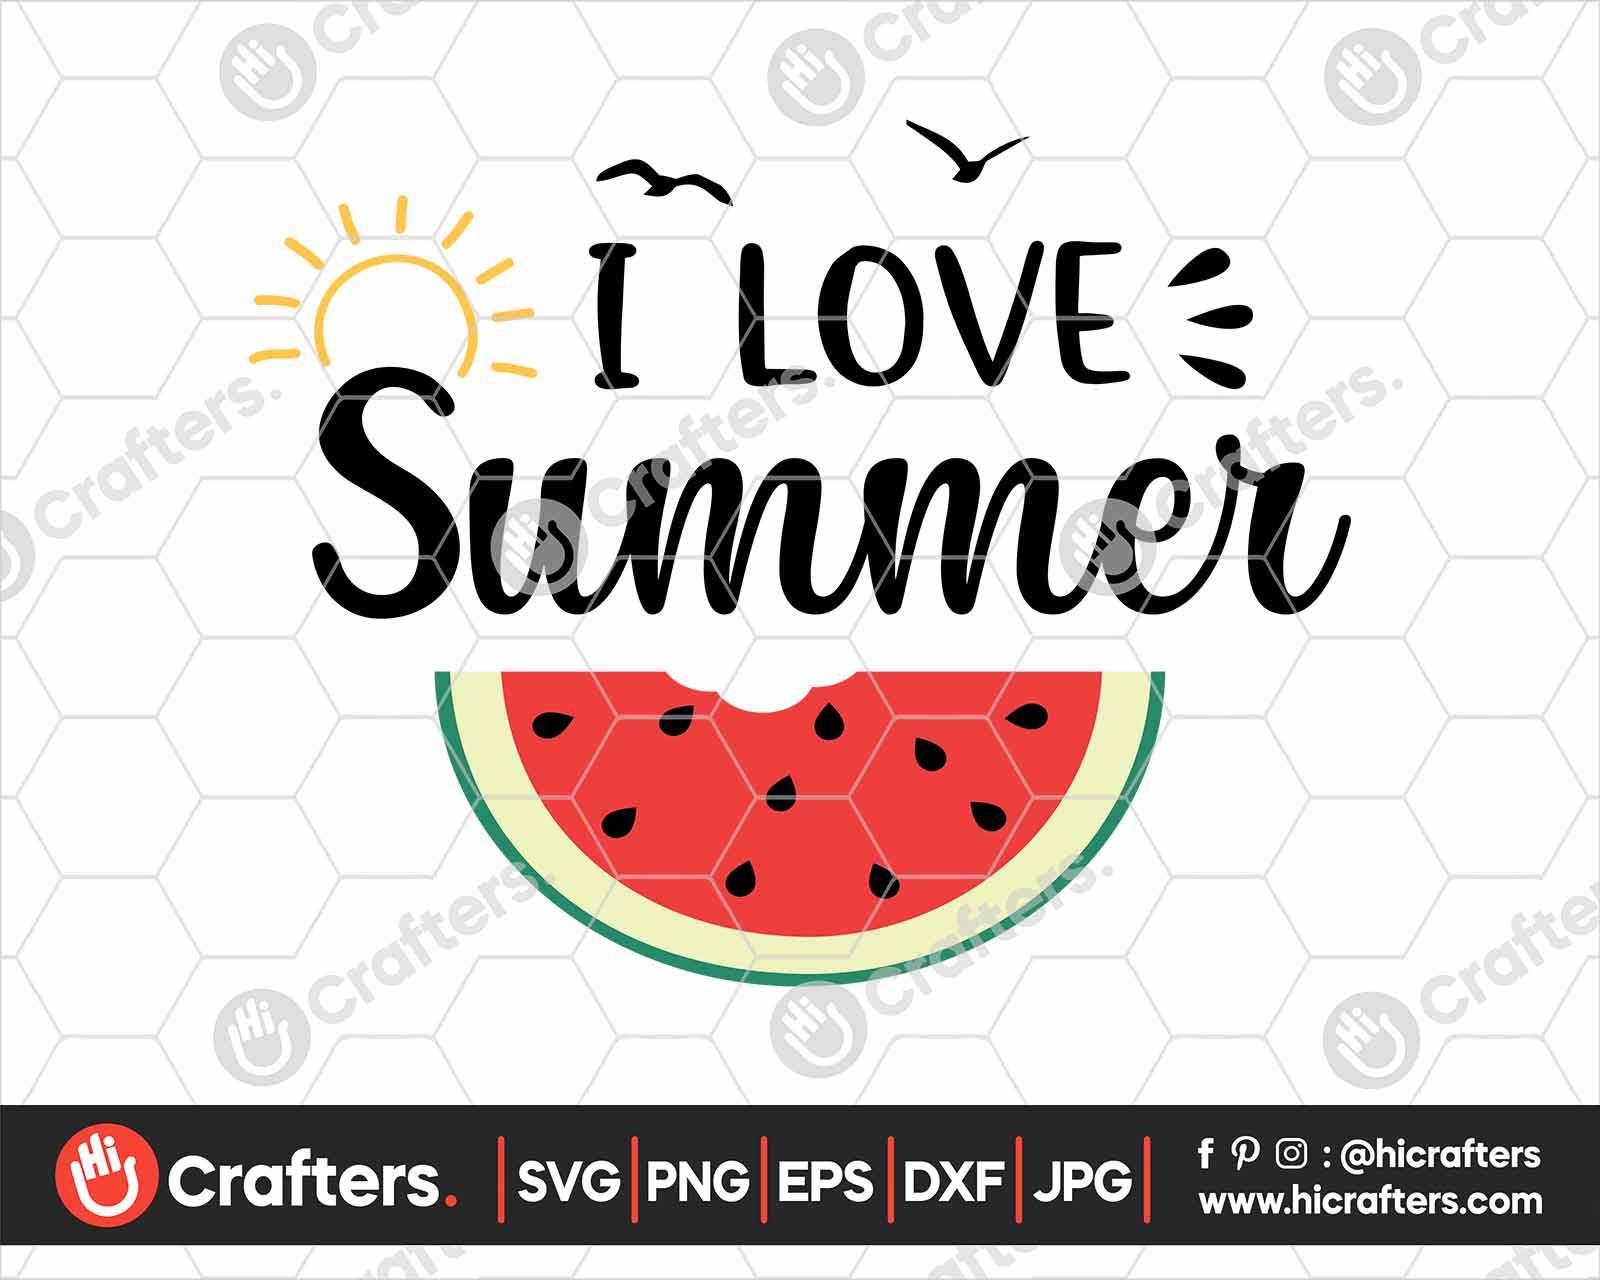 Download I Love Summer SVG, Watermelon SVG File For Cricut | Hi ...